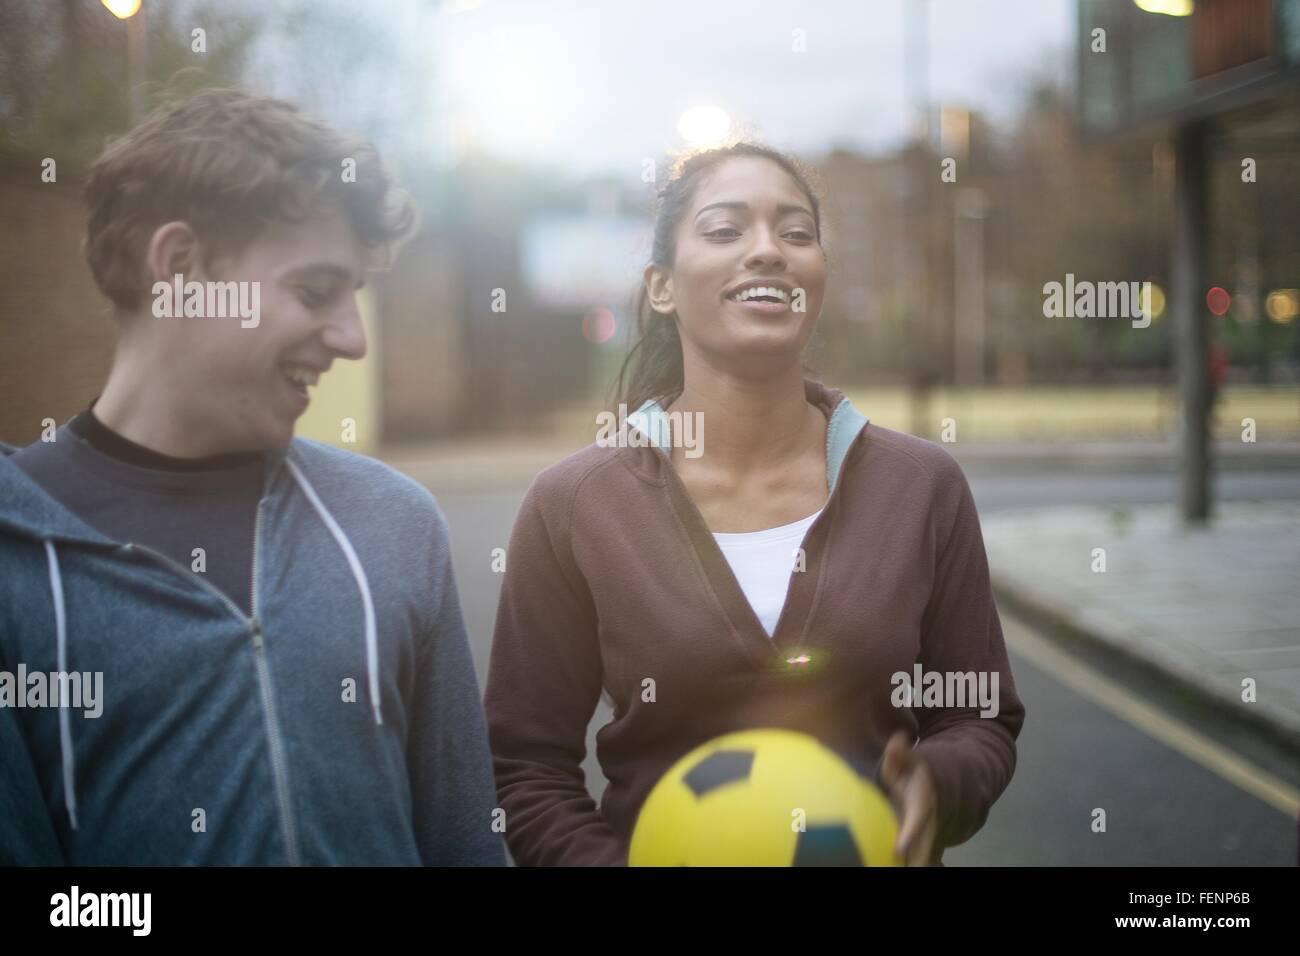 Hombre y mujer joven caminando por la calle, sosteniendo el fútbol Imagen De Stock